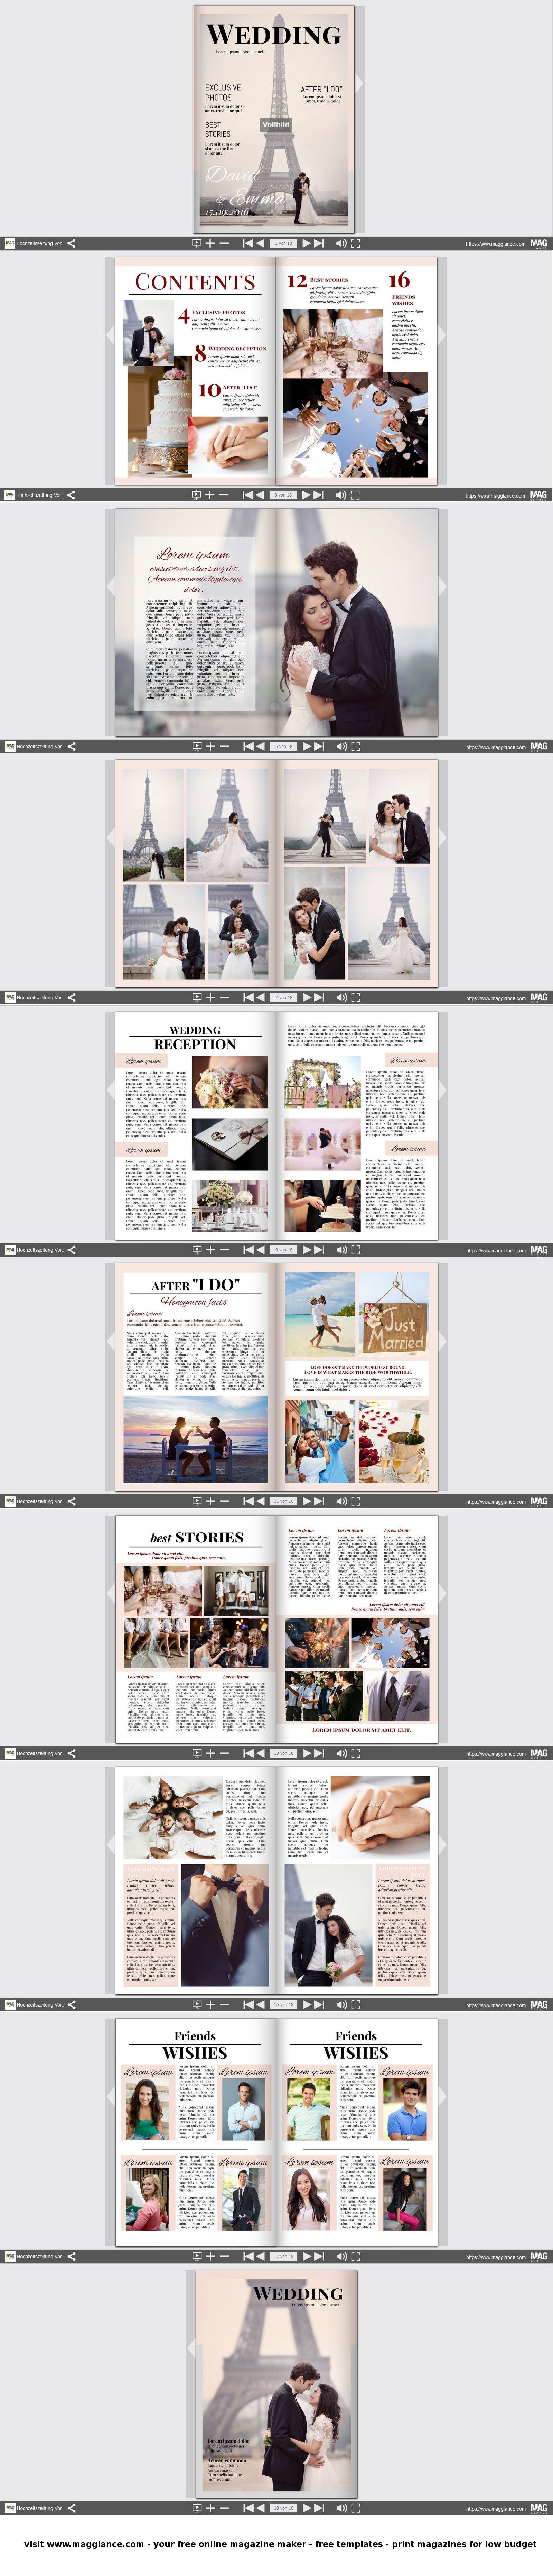 hochzeitszeitung kostenlos online erstellen und g nstig drucken unter zeitung. Black Bedroom Furniture Sets. Home Design Ideas